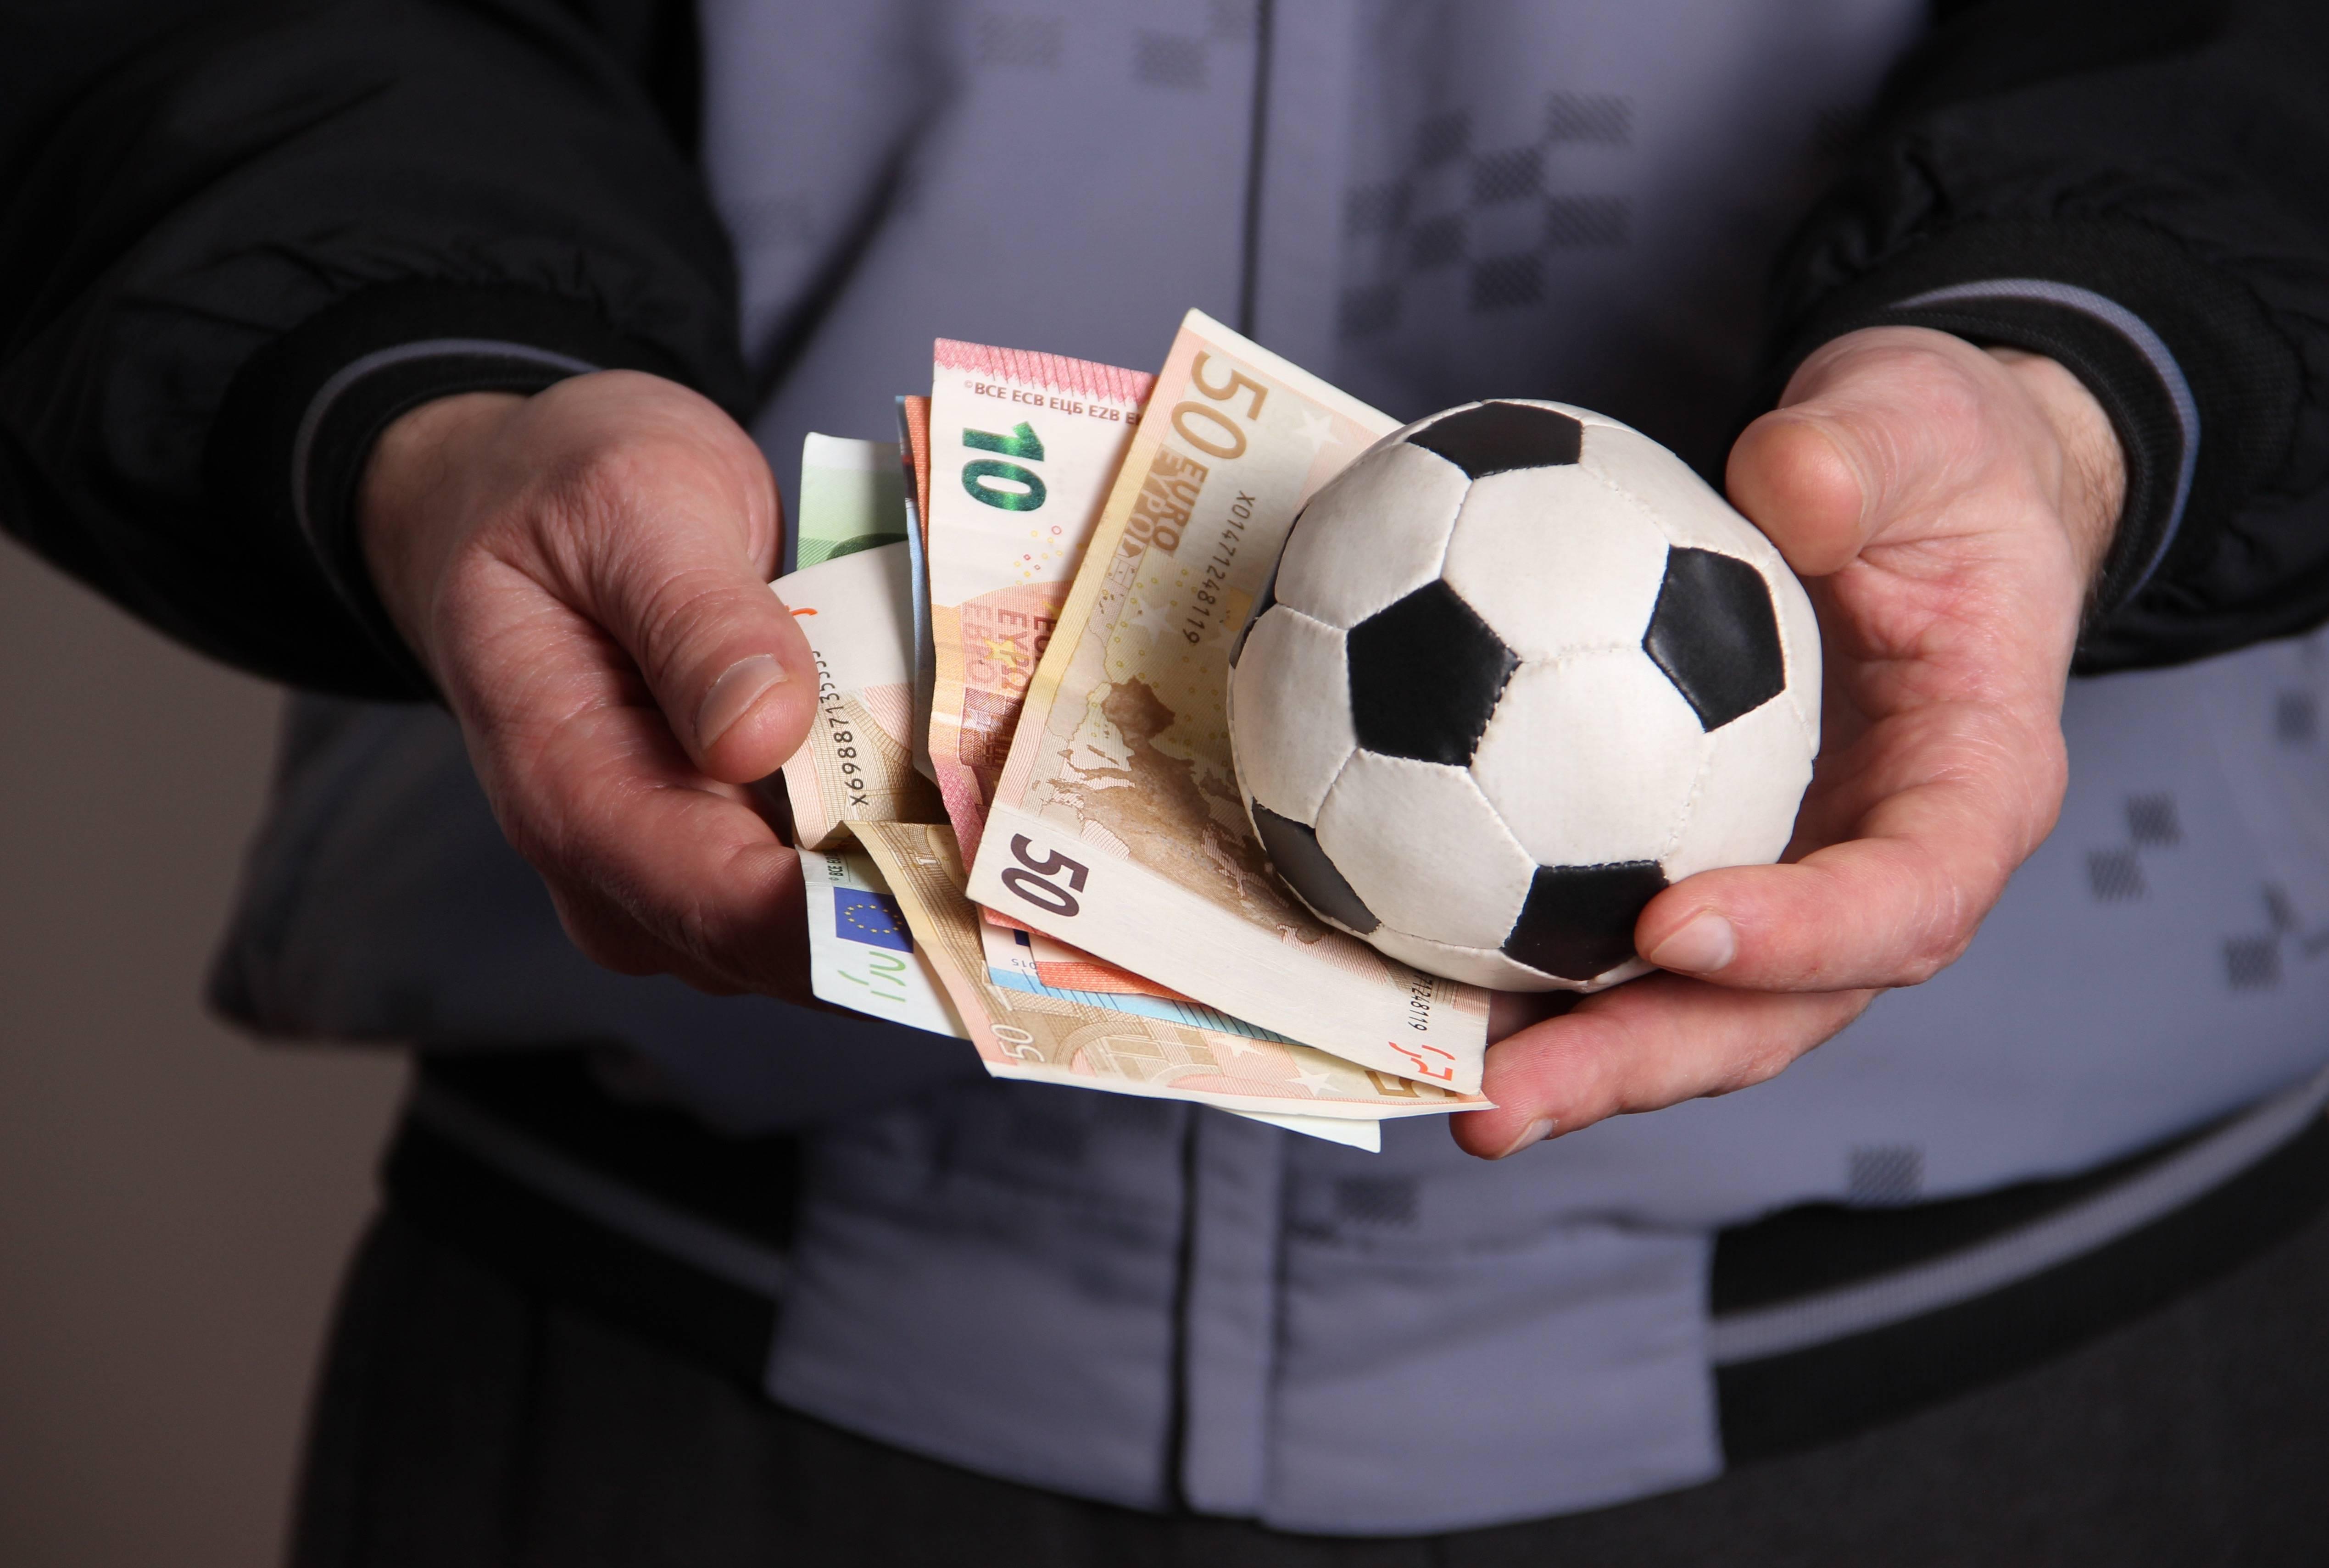 Топ 10 сервисов-помощников для ставок на спорт - зарабатывай на спорте и азарте - блоги - sports.ru